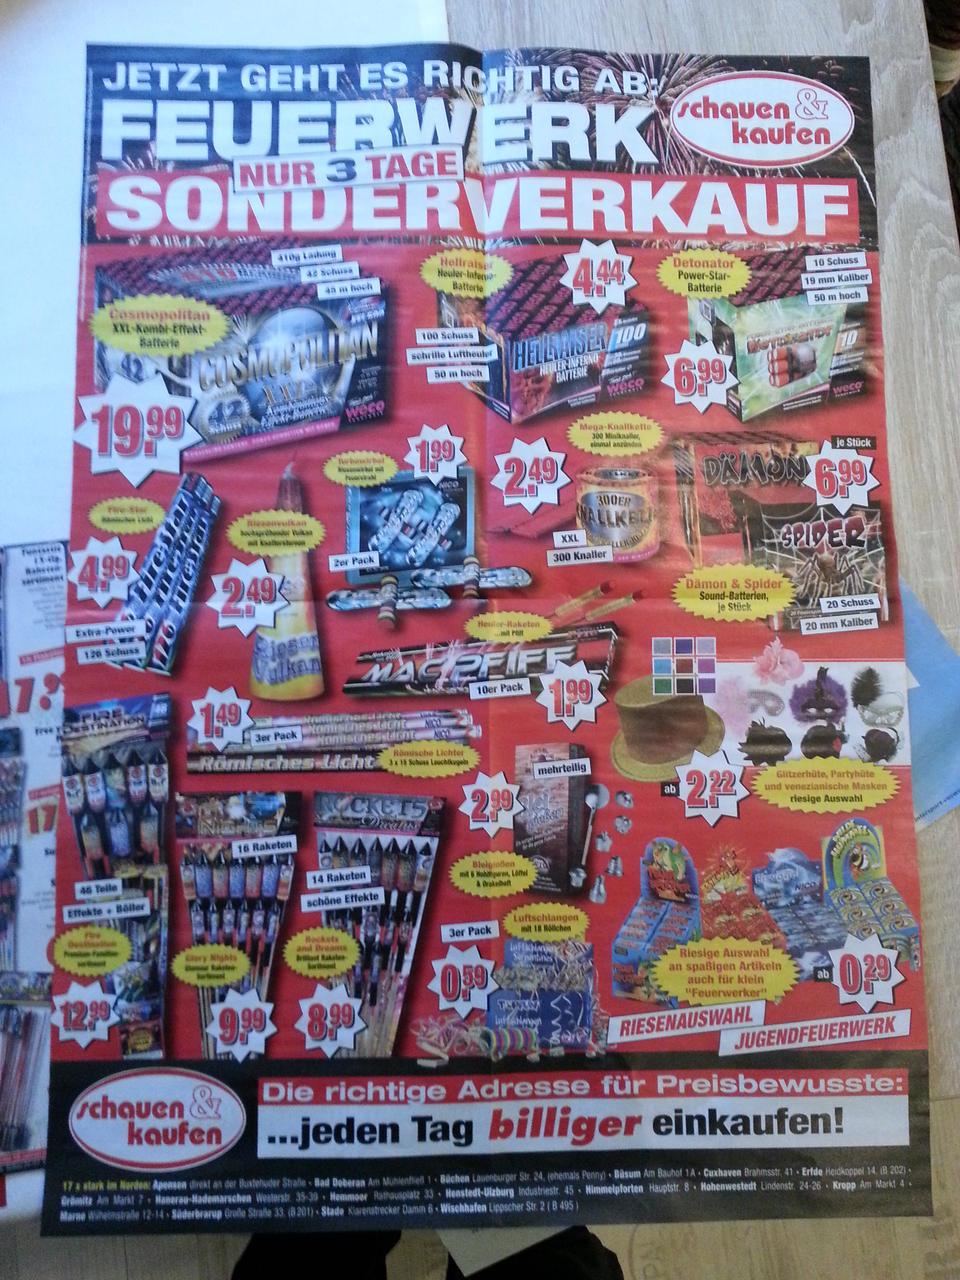 2013 - Schauen und Kaufen | FEUERWERK Forum